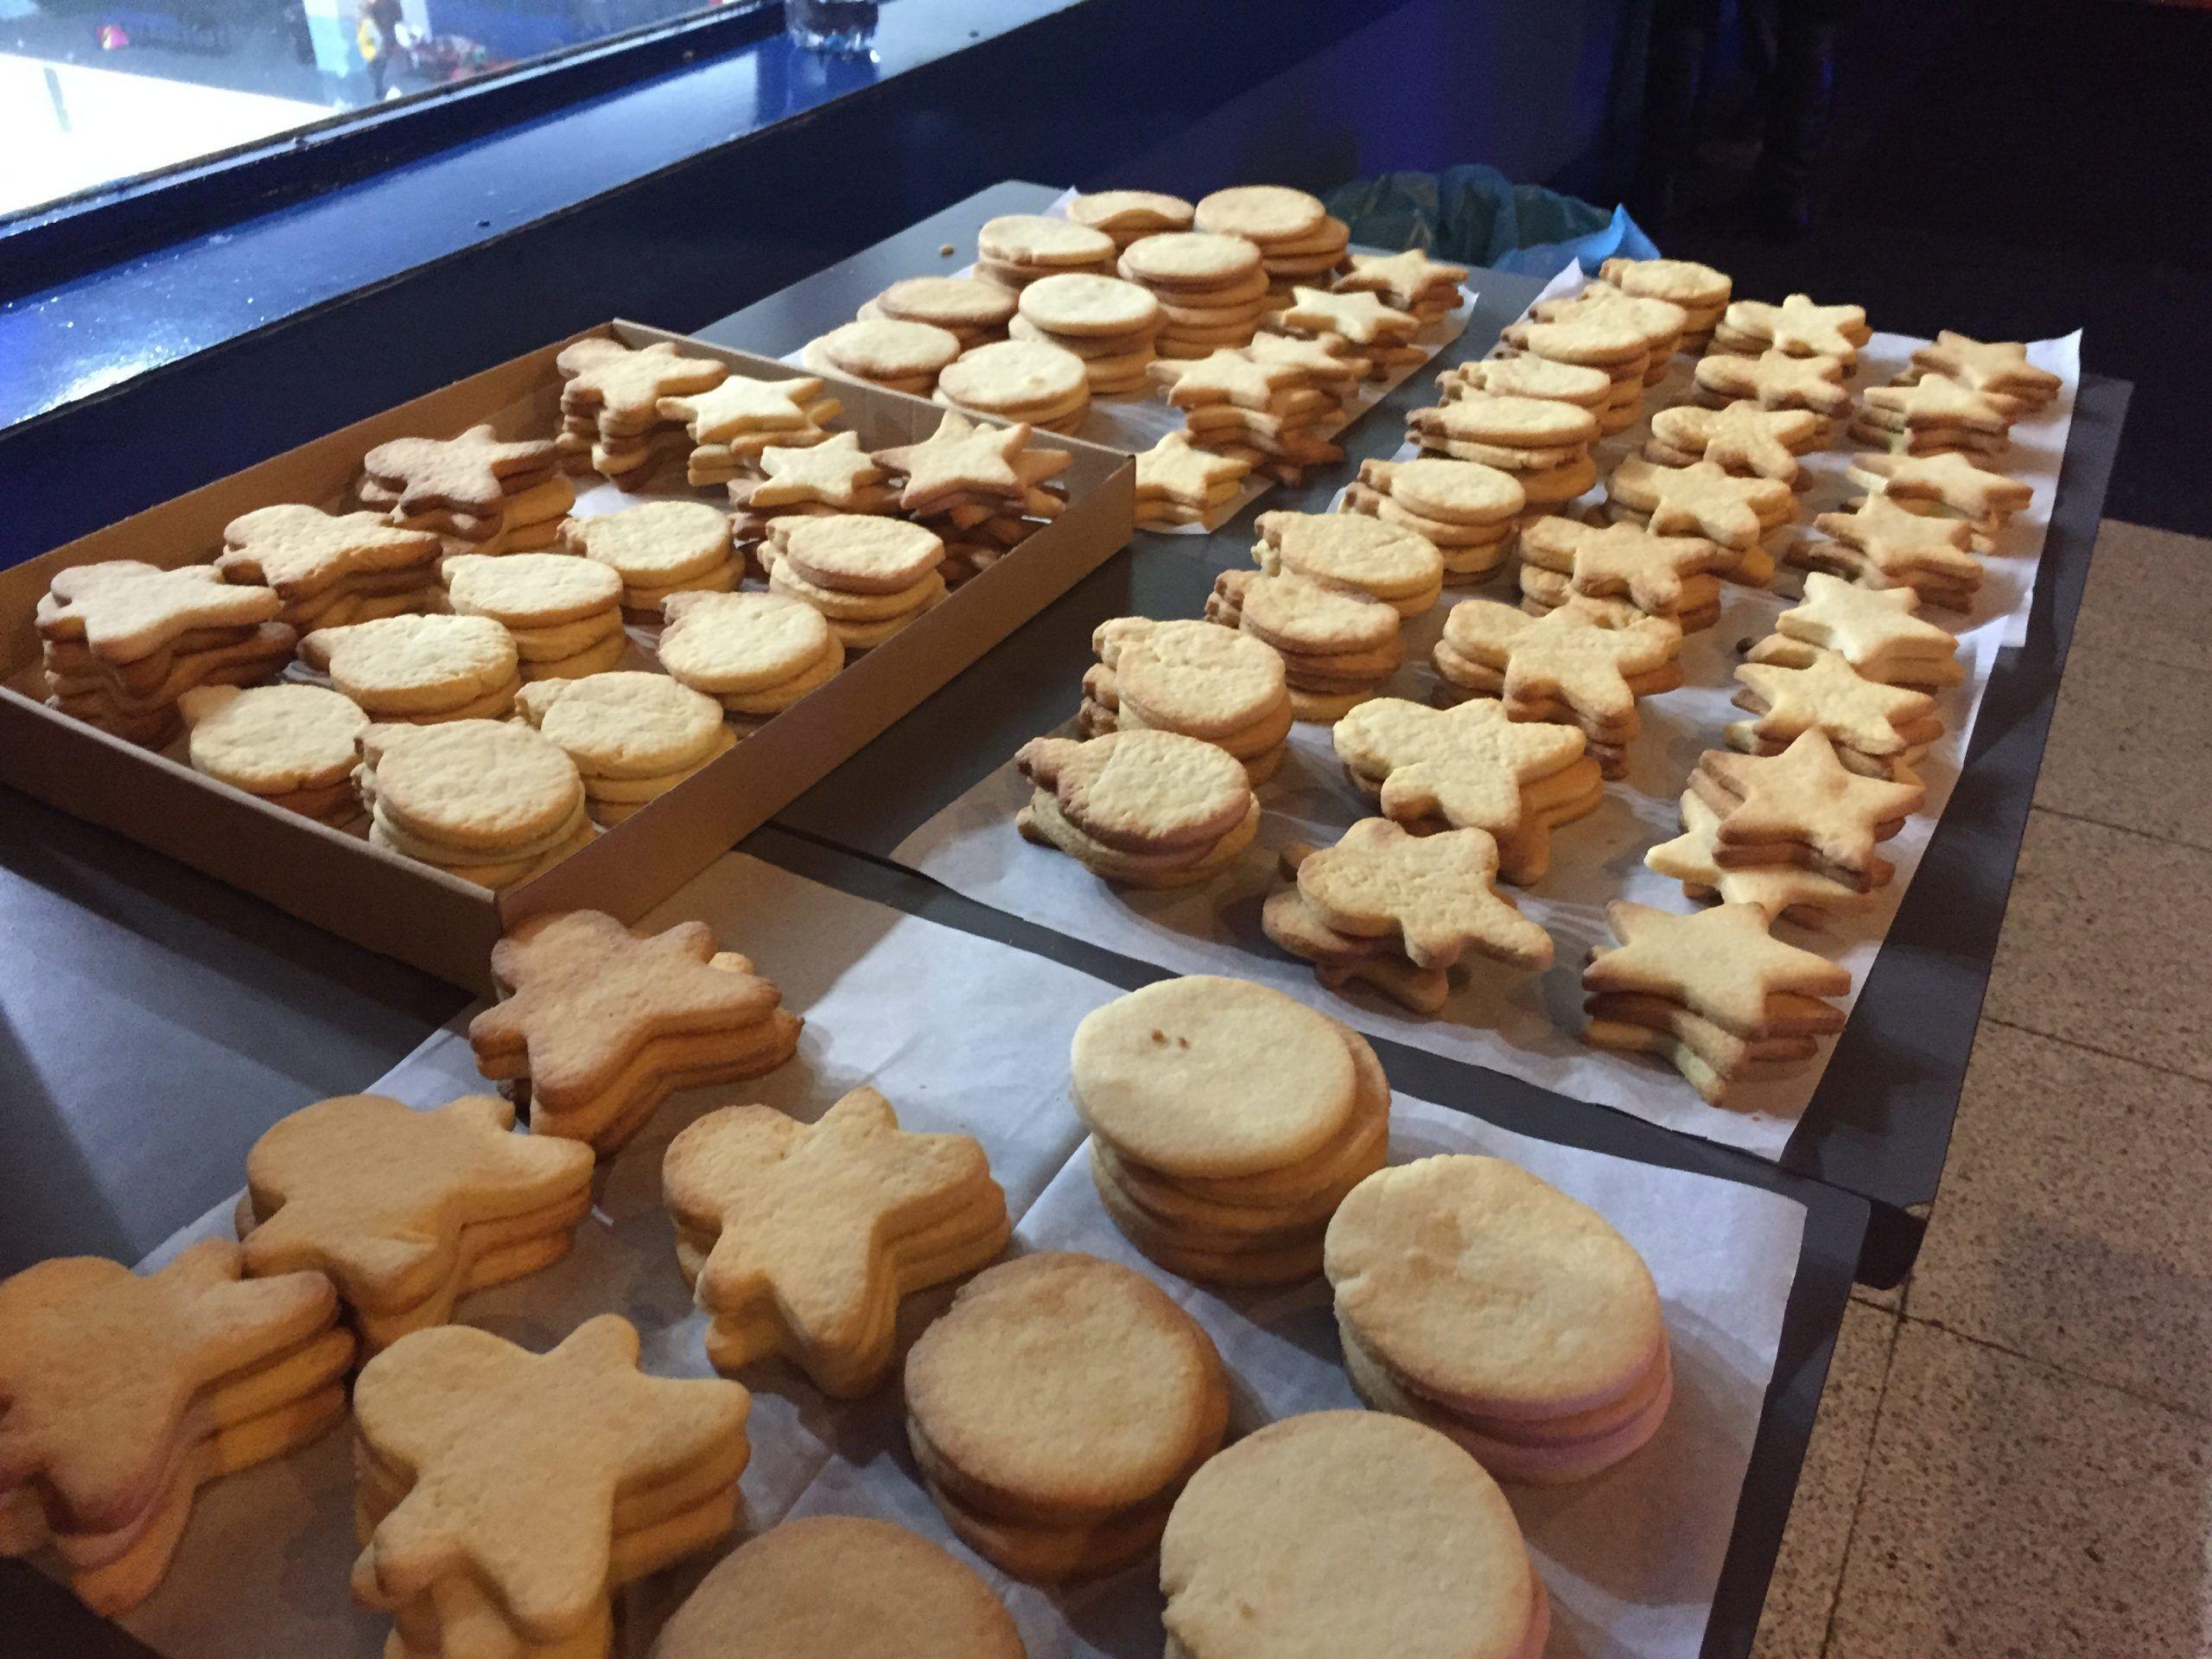 Decoración de galletas para el pre-estreno de Paramount Pictures